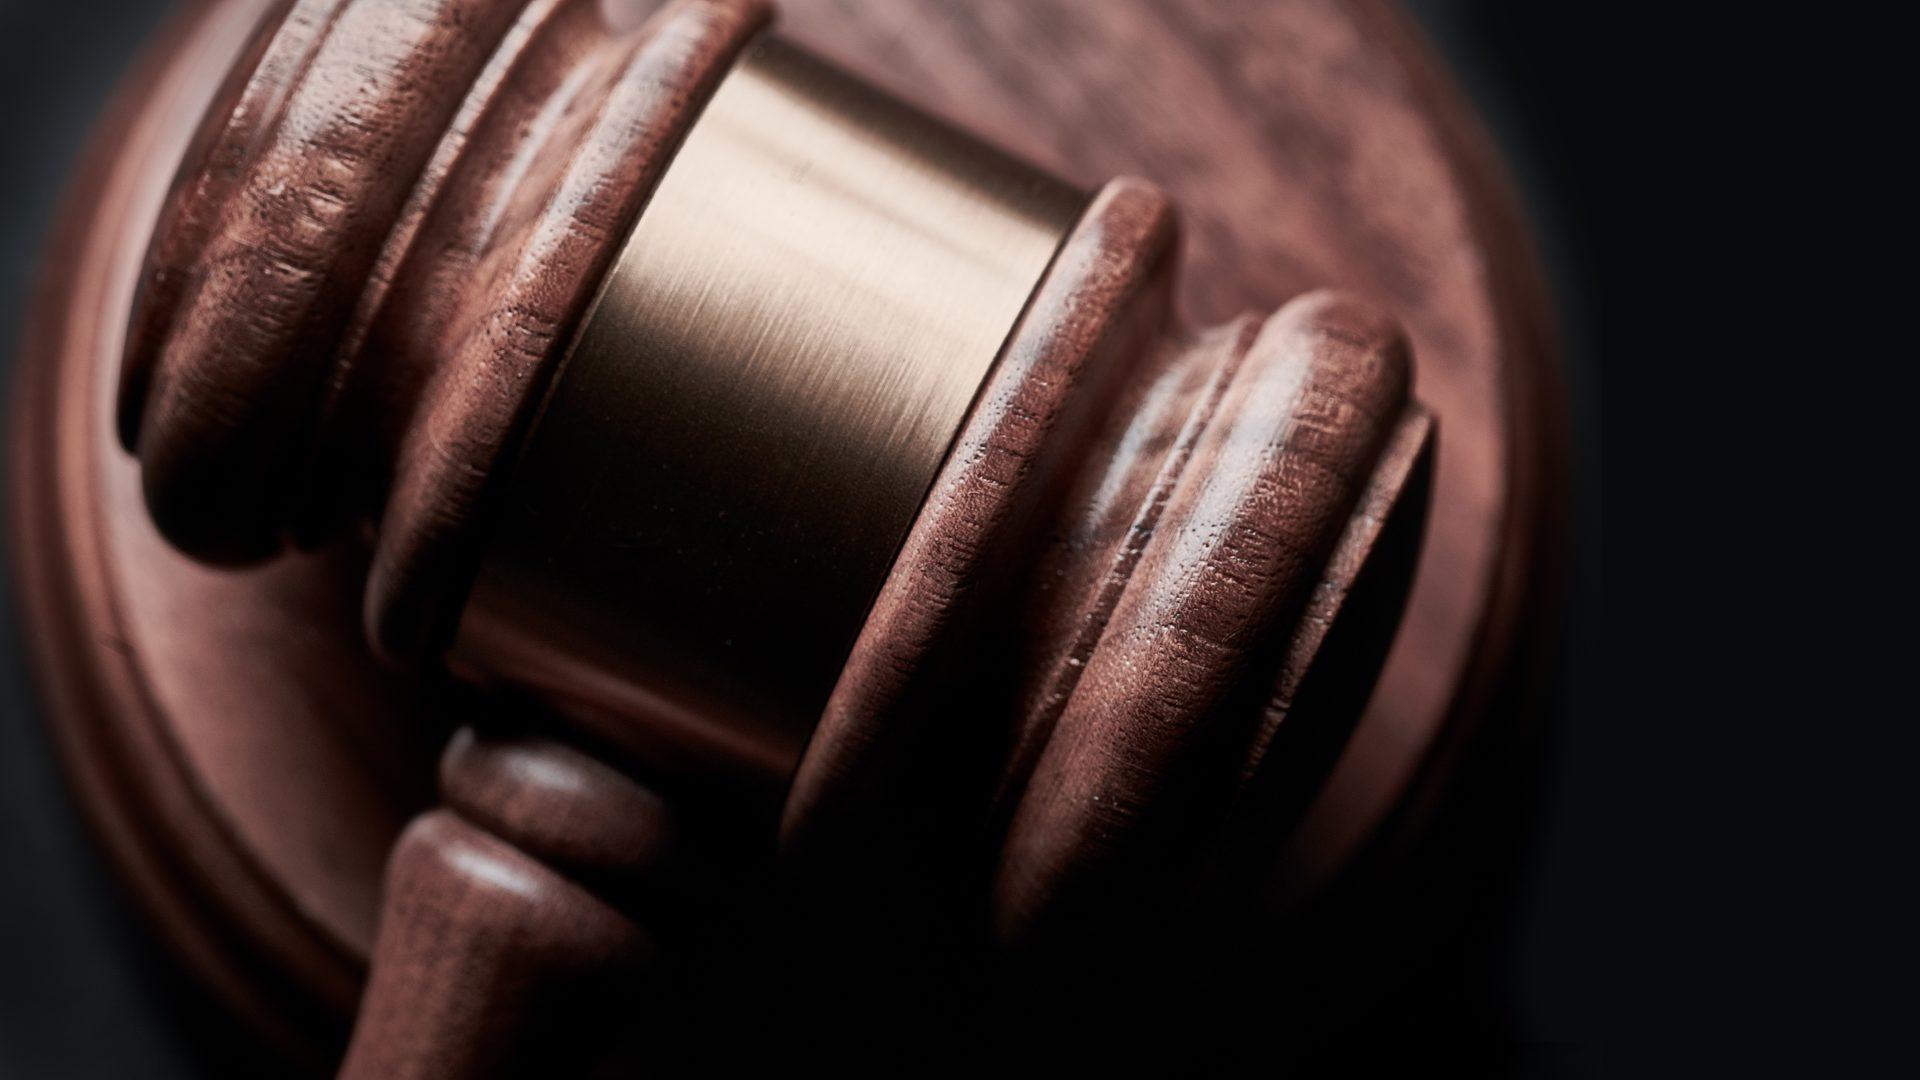 Satversmes tiesā apstrīd interaktīvo azartspeļu aizliegumu